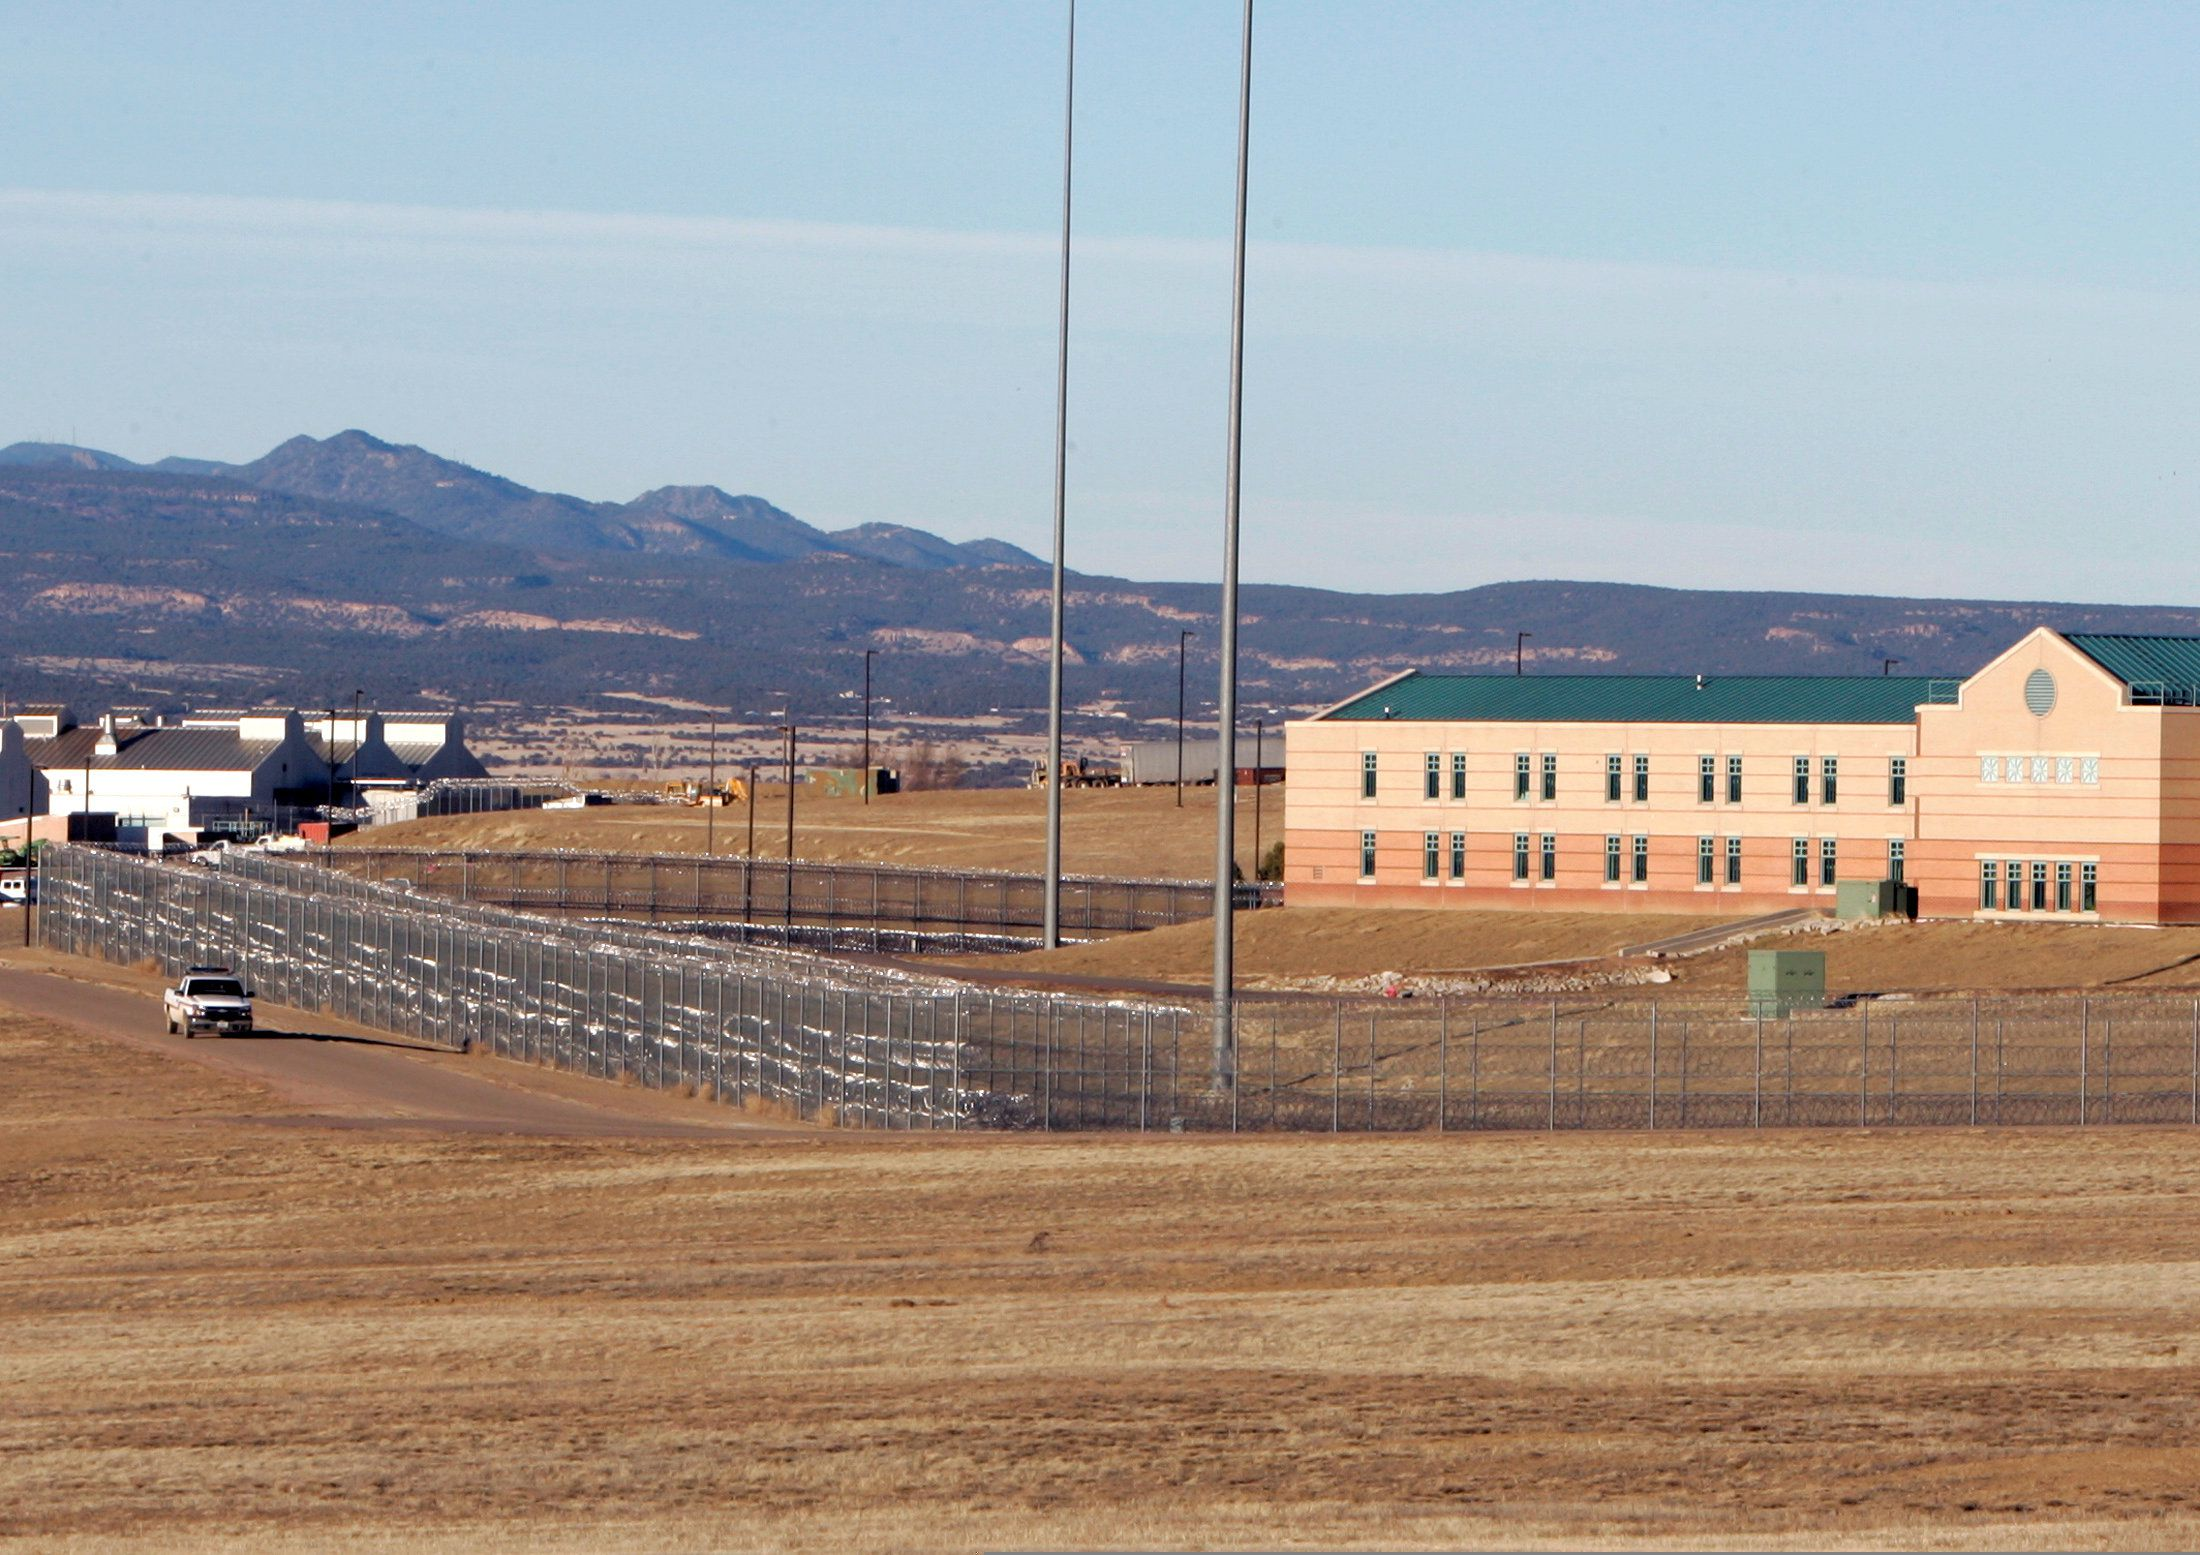 Chapo Guzmán cumple desde 2019 cadena perpetua en una prisión de la cual nunca ha escapado nadie, en Colorado (Foto: Rick Wilking/ Reuters)